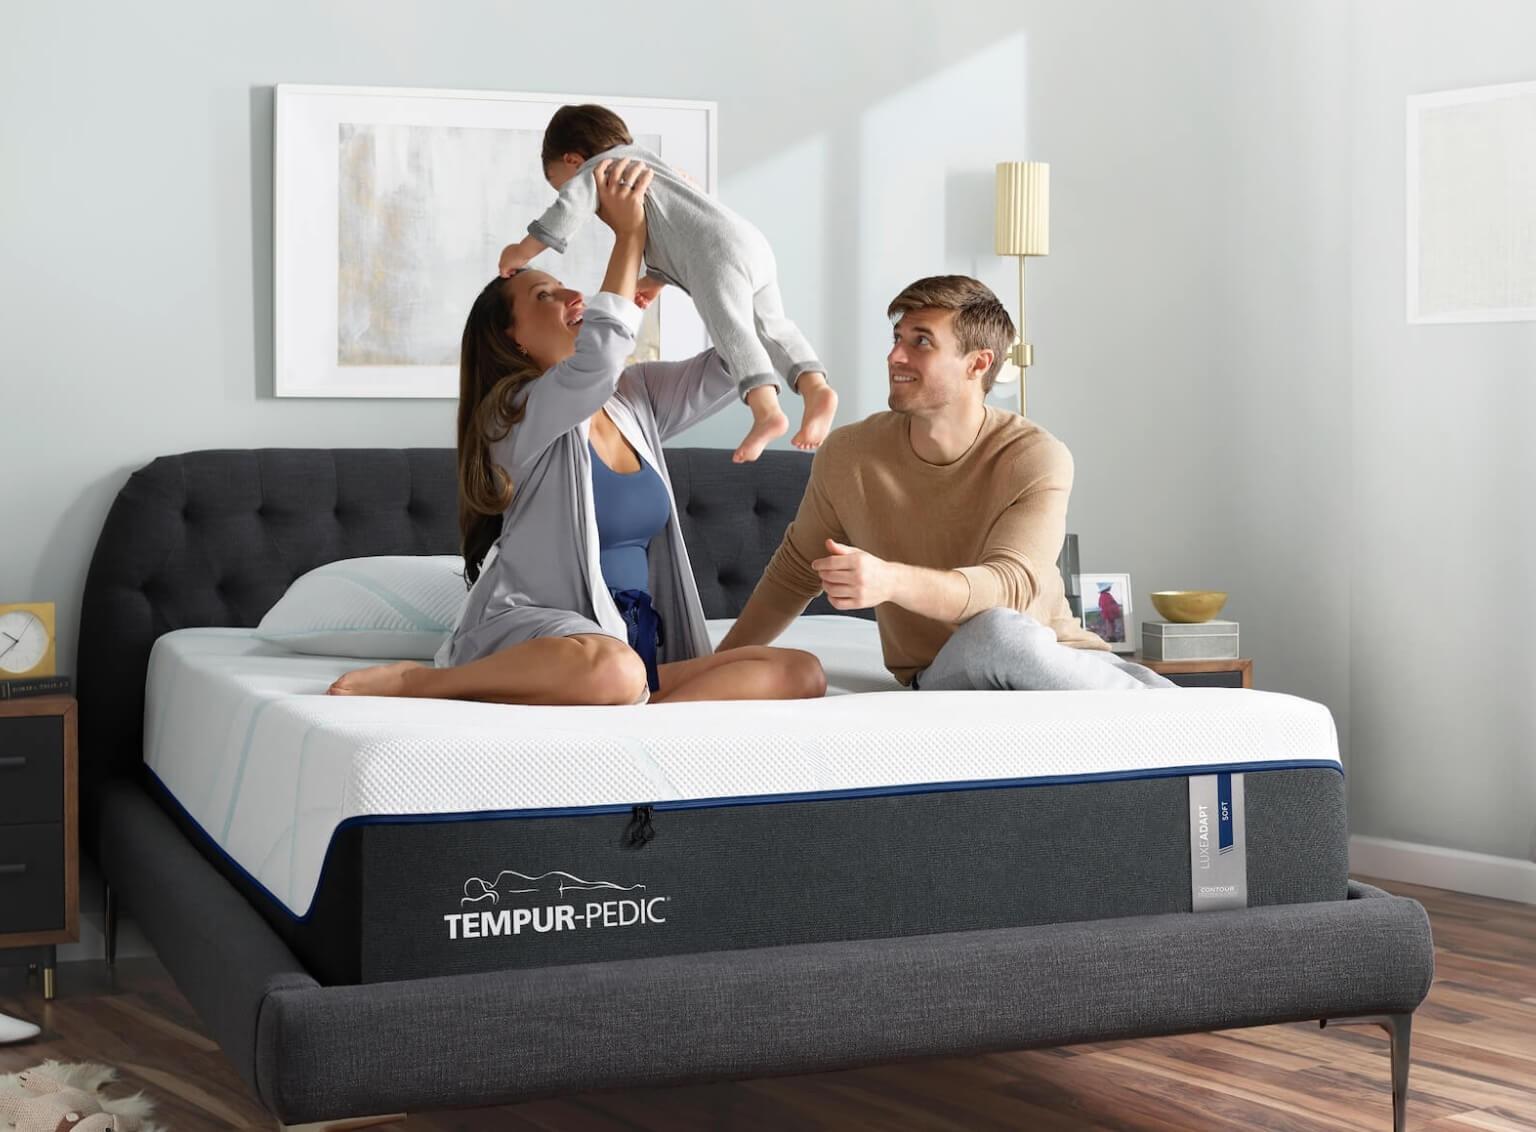 Family Playing on Tempur-Pedic mattress